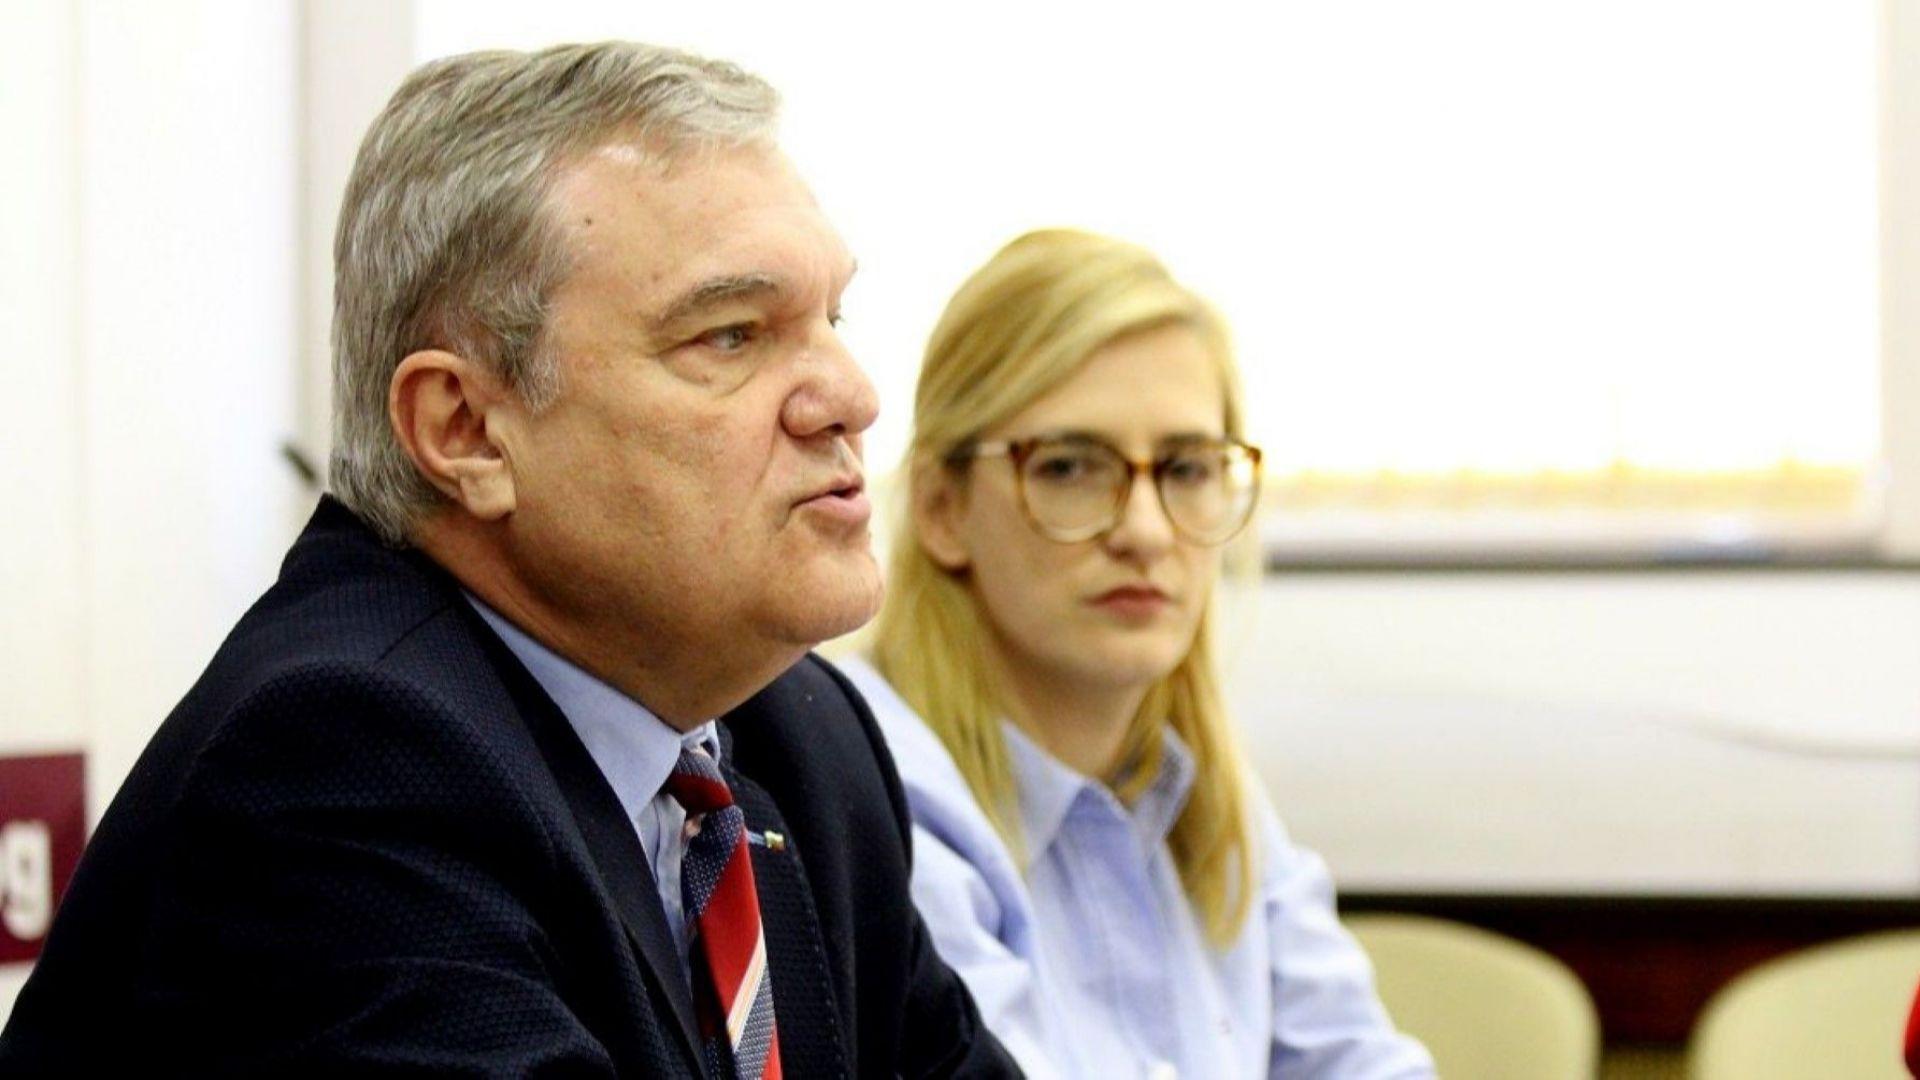 Румен Петков: Темите, дискутирани със Столтенберг, трябва публично да бъдат анализирани в НС